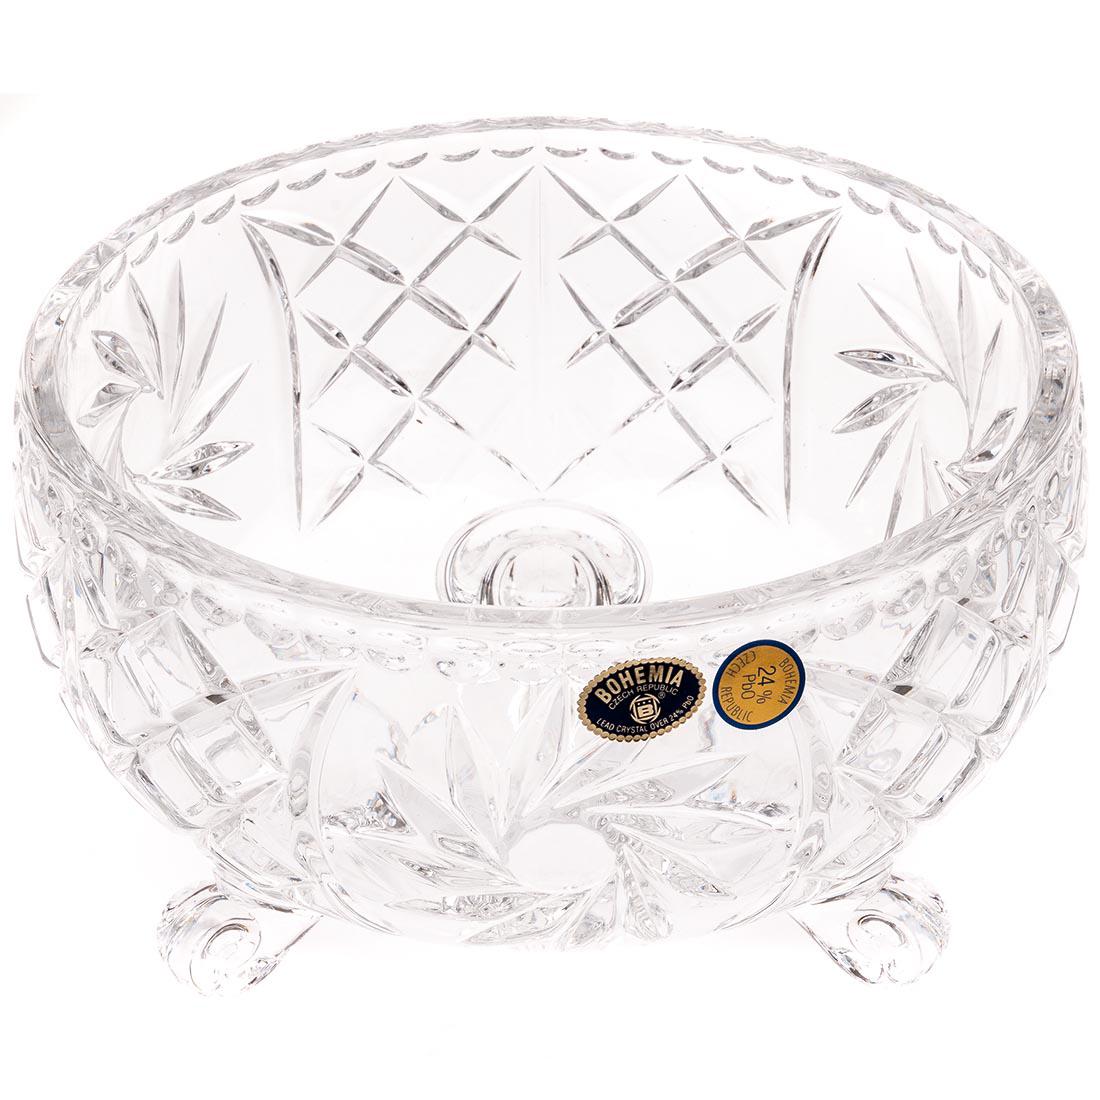 Салатник Crystal Bohemia Pinwheel, диаметр 18 см990/62022/0/26080/180-109Круглый салатник на трех ножках Crystal Bohemia выполнен из хрусталя с традиционным декором звездочки. Это настоящий чешский хрусталь с содержанием оксида свинца 24%, что придает изделиям поразительную прозрачность и чистоту, невероятный блеск, присущий только ювелирным изделиям, особое, ни с чем не сравнимое светопреломление и игру всеми красками спектра как при естественном, так и при искусственном освещении. Продукция из хрусталя соответствует всем европейским и российским стандартам качества и безопасности. Традиции чешских мастеров передаются из поколения в поколение, а высокая художественная ценность изделий признана искушенными ценителями во всем мире.